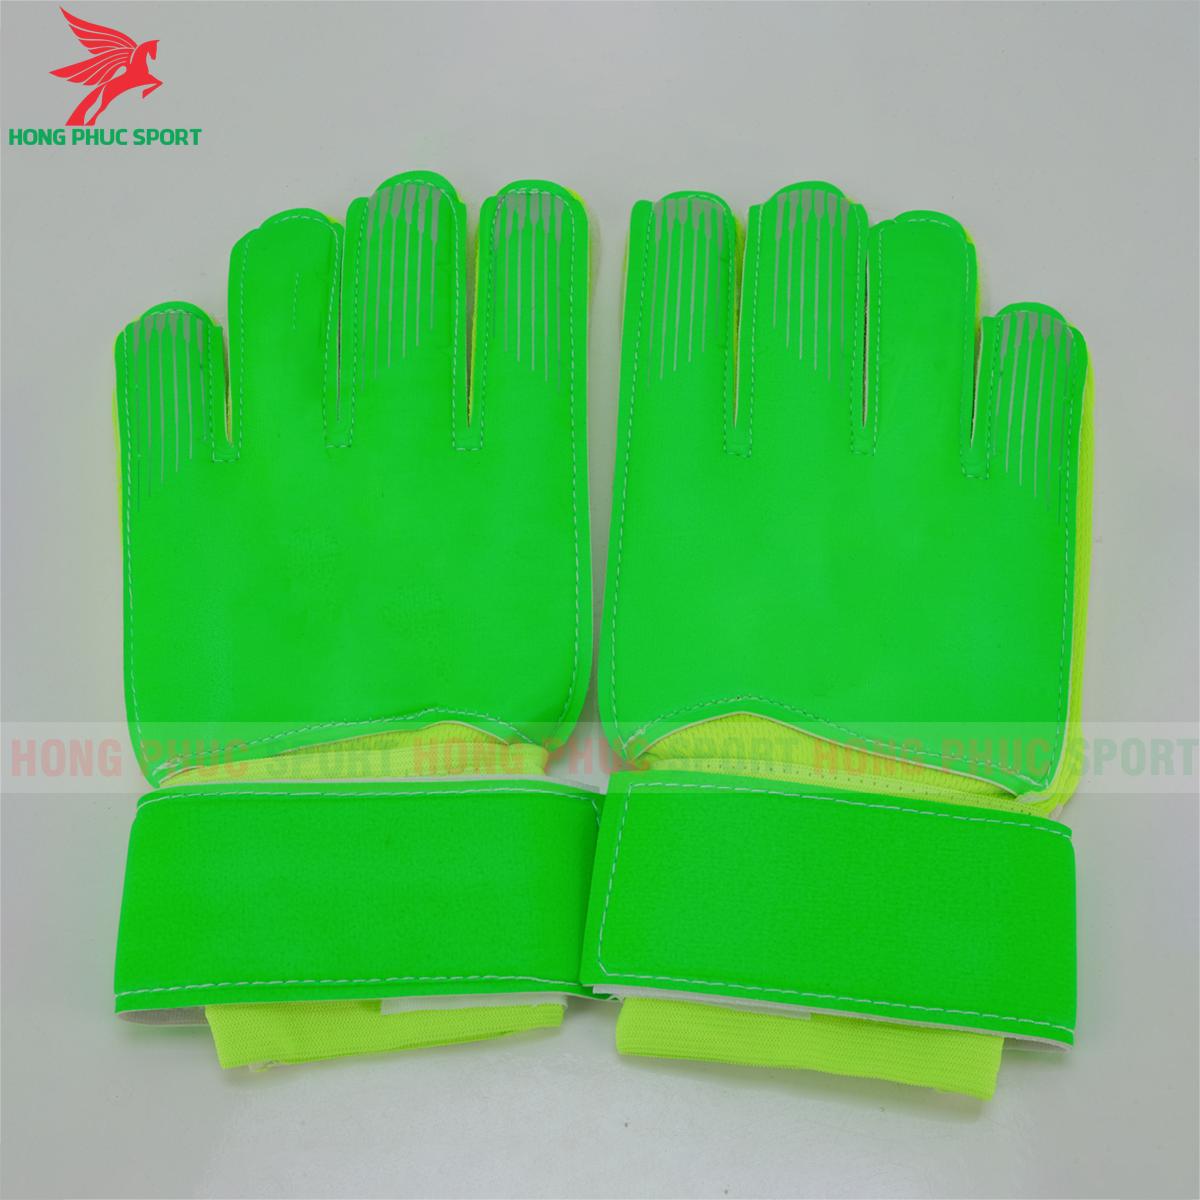 Găng tay thủ môn Nike màu xanh lá